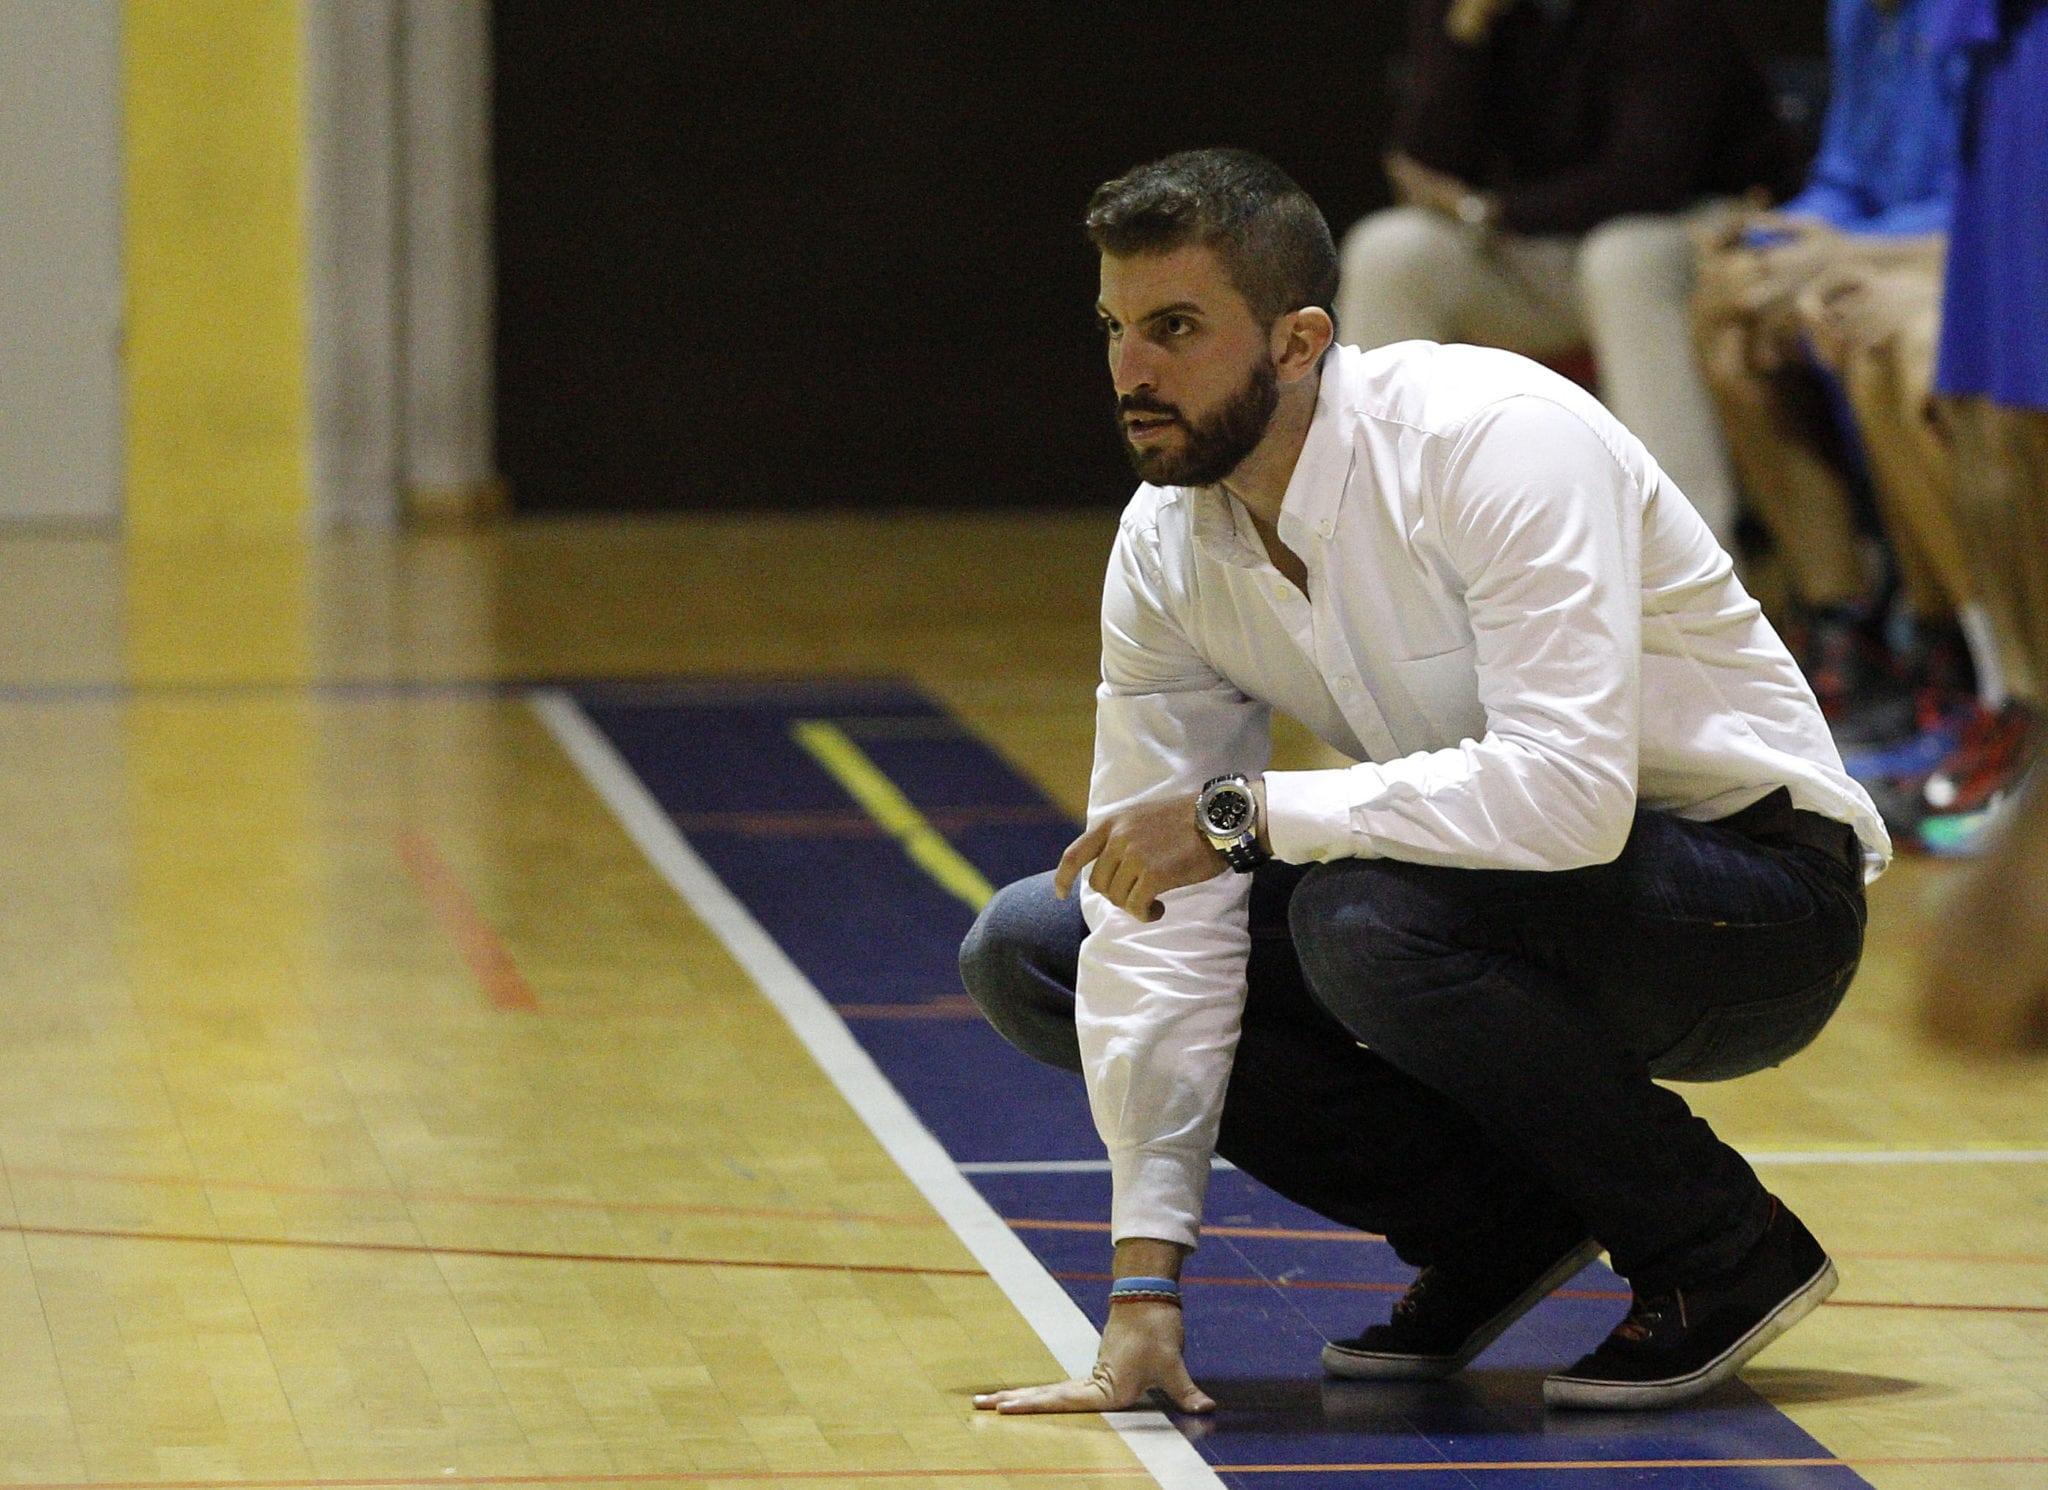 El blog del entrenador Javier Zamora: análisis del primer mes de competición